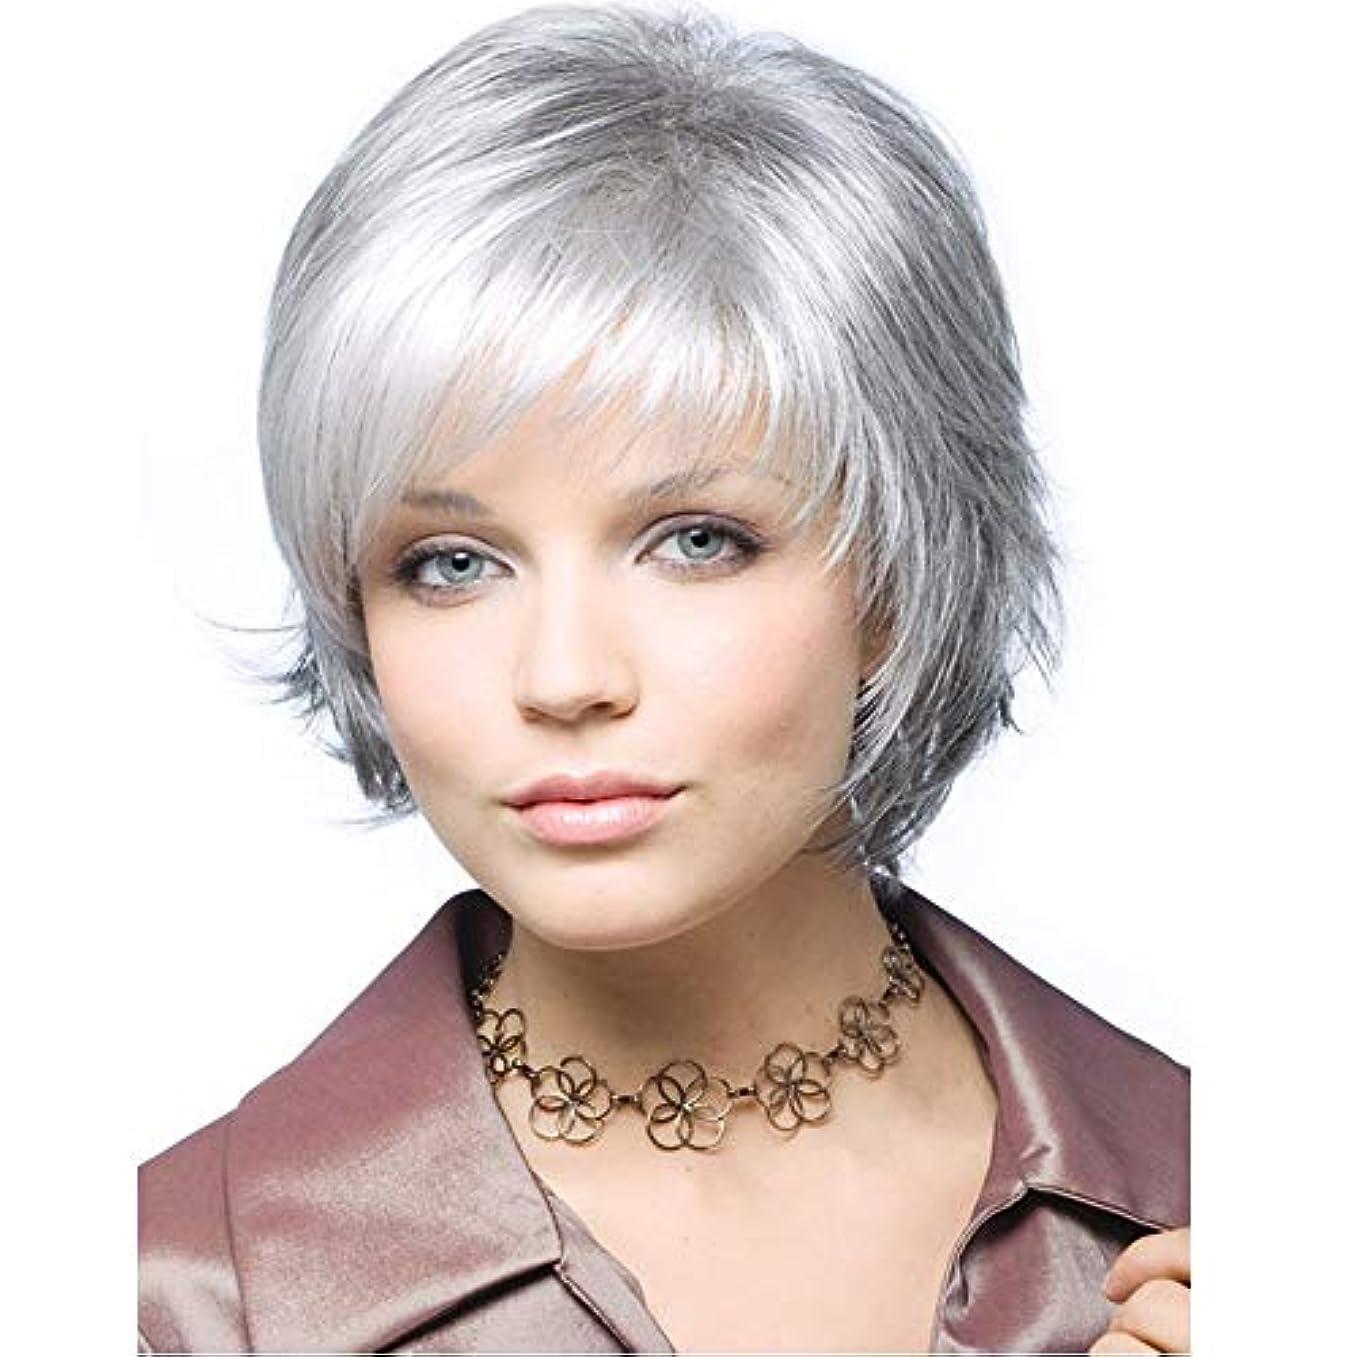 バットオーバードロー飢えたYOUQIU 女性耐熱かつらのためにショートストレートヘアウィッグの合成かつら (色 : グレー)